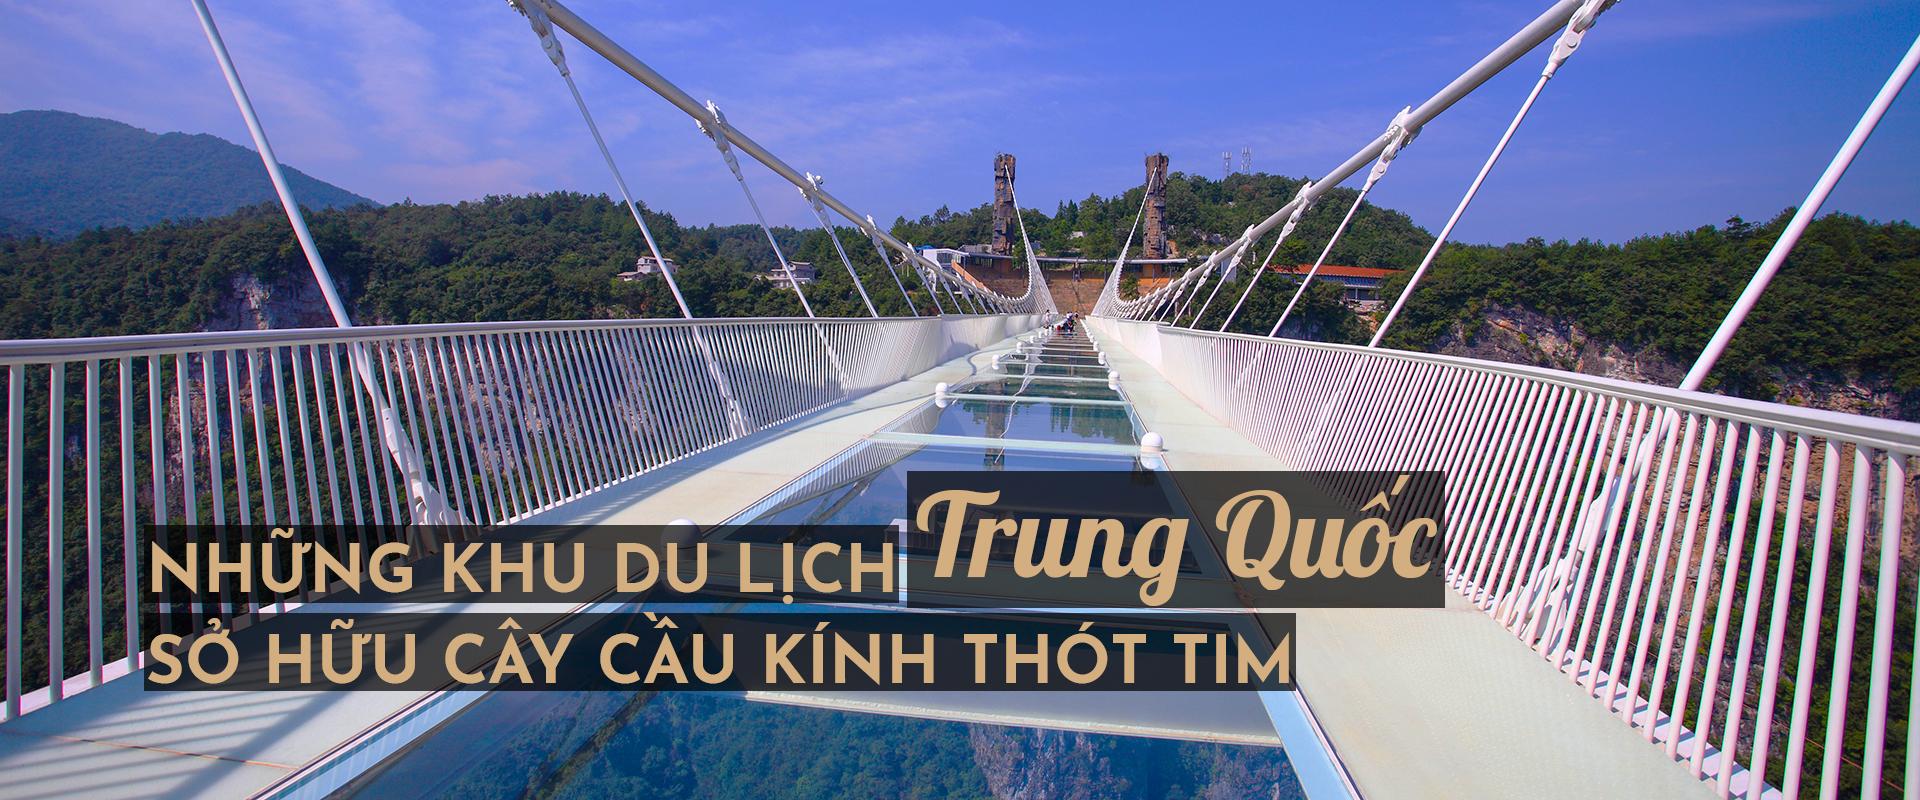 Những khu du lịch Trung Quốc sở hữu cây cầu kính thót tim